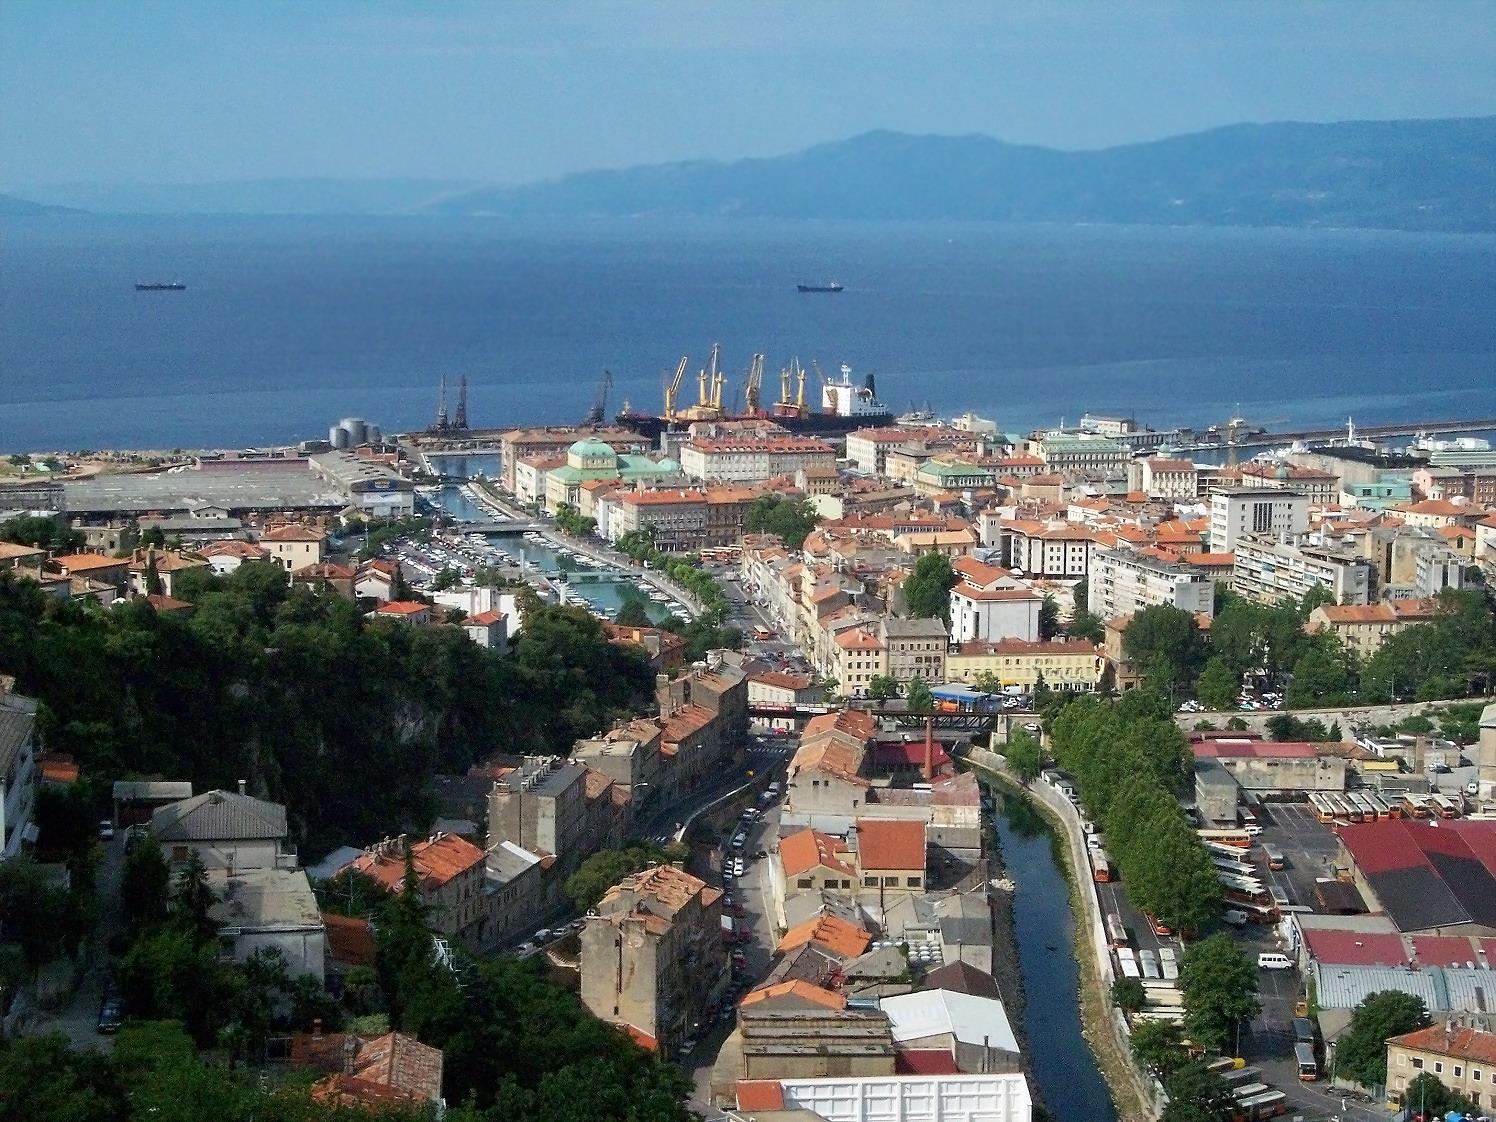 Lijepi gradovi: Rijeka Rijeka-view-2